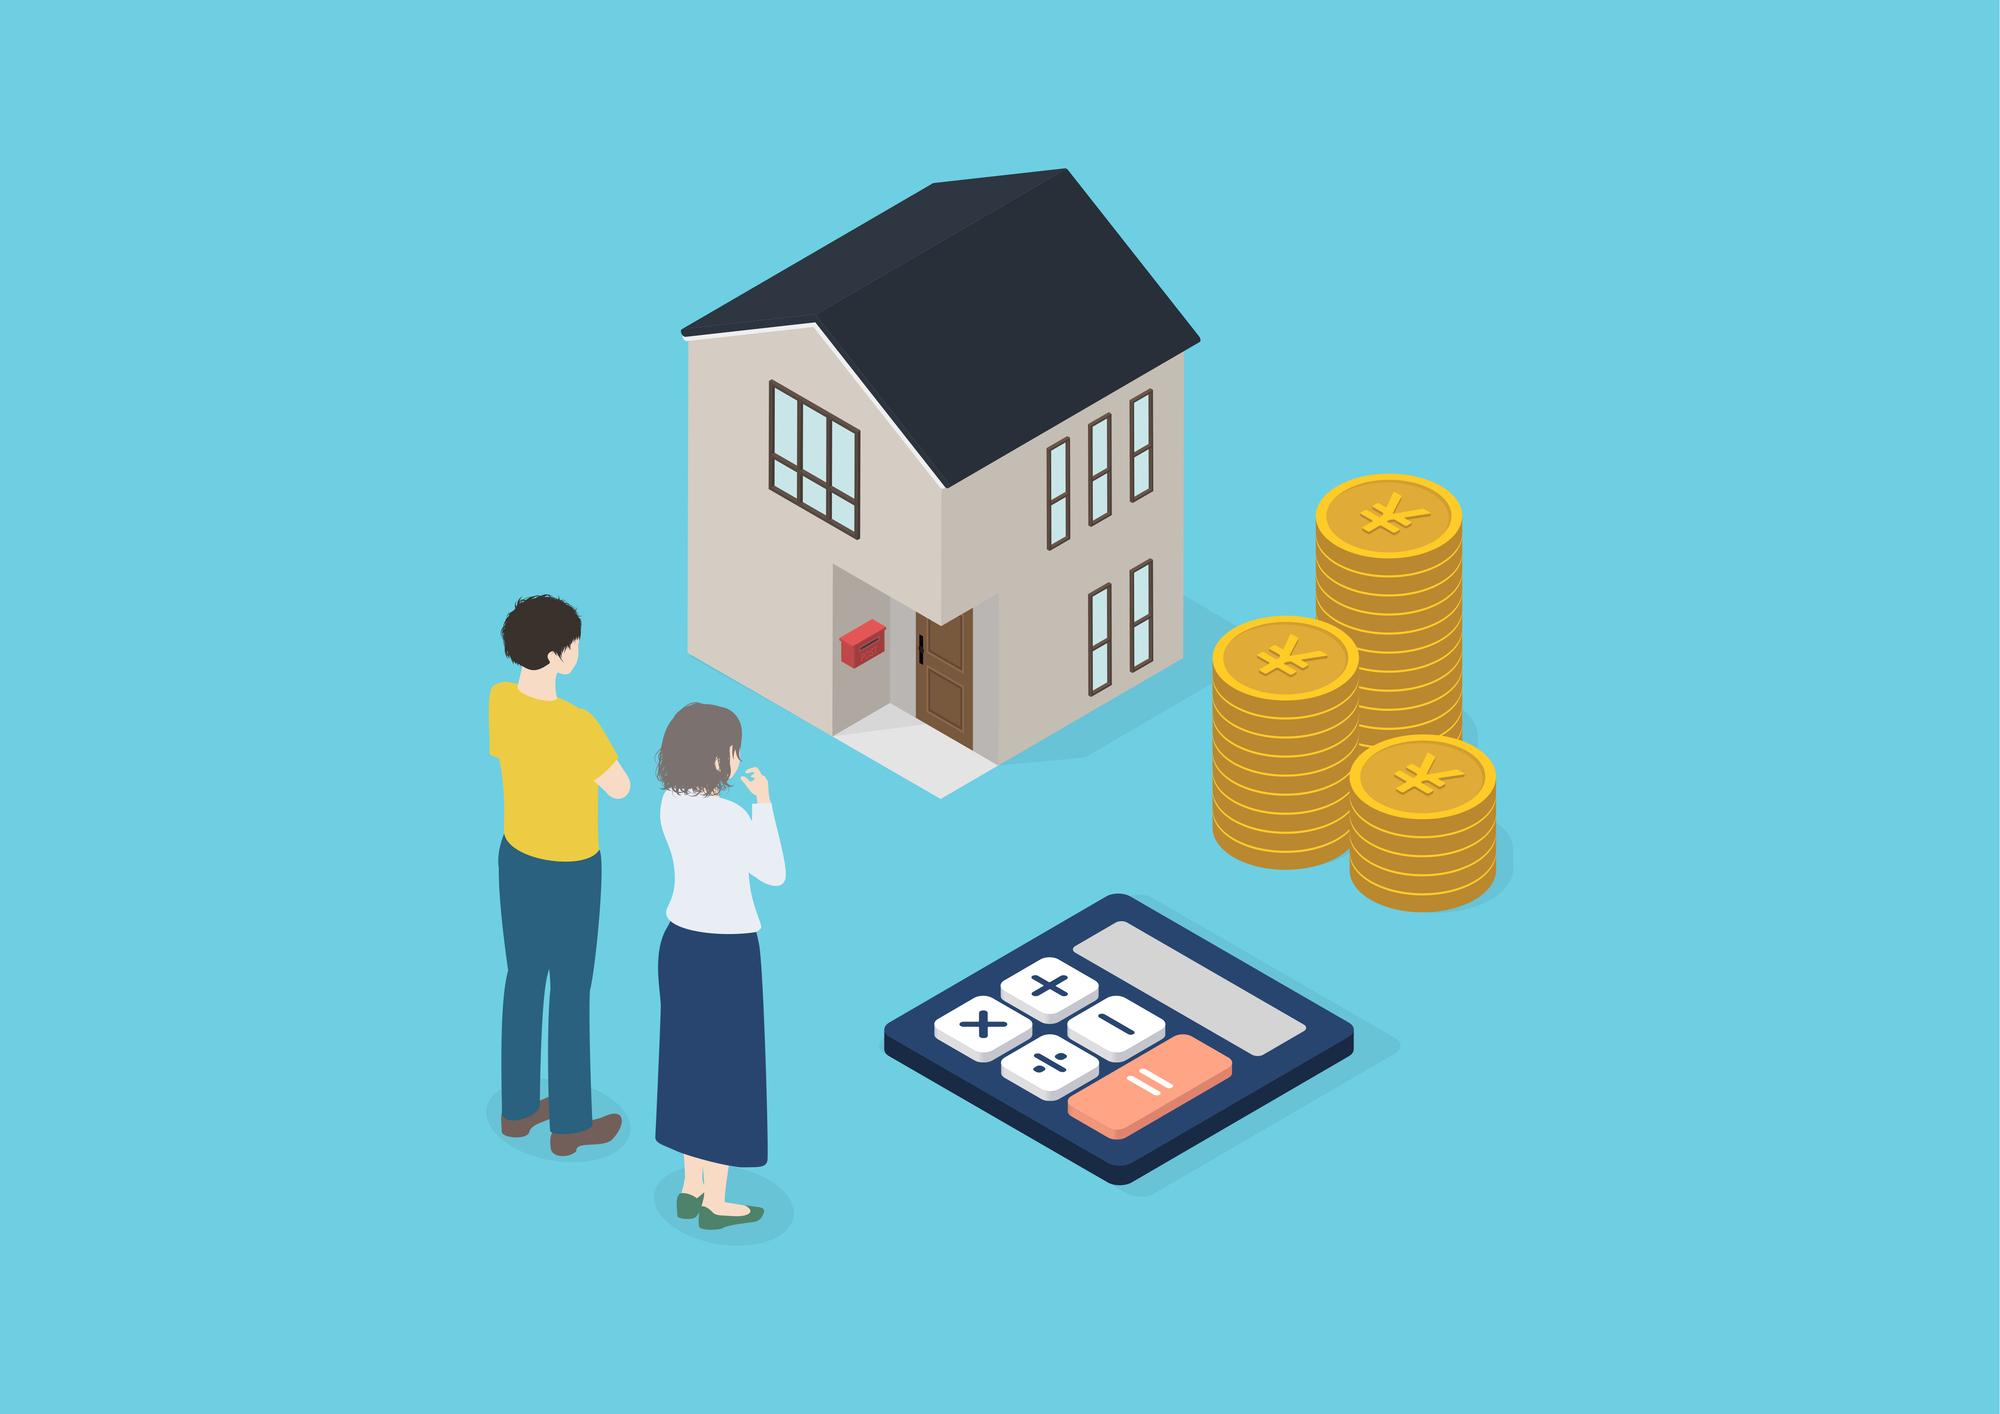 グリーン住宅ポイントはなぜお得なのか?お得な使い方とともに解説